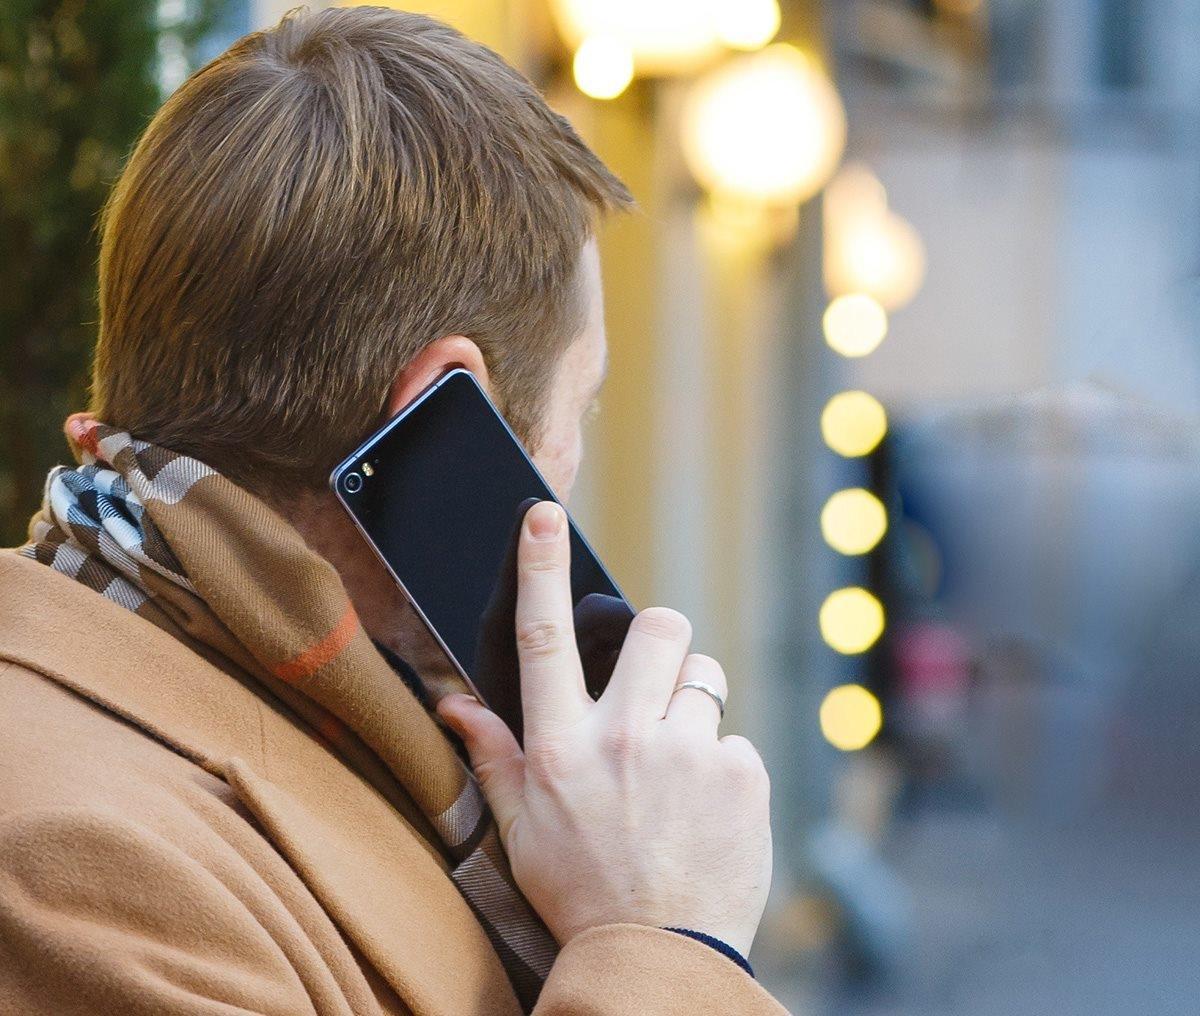 Эффект поисковика или как смартфоны убивают наши мозги